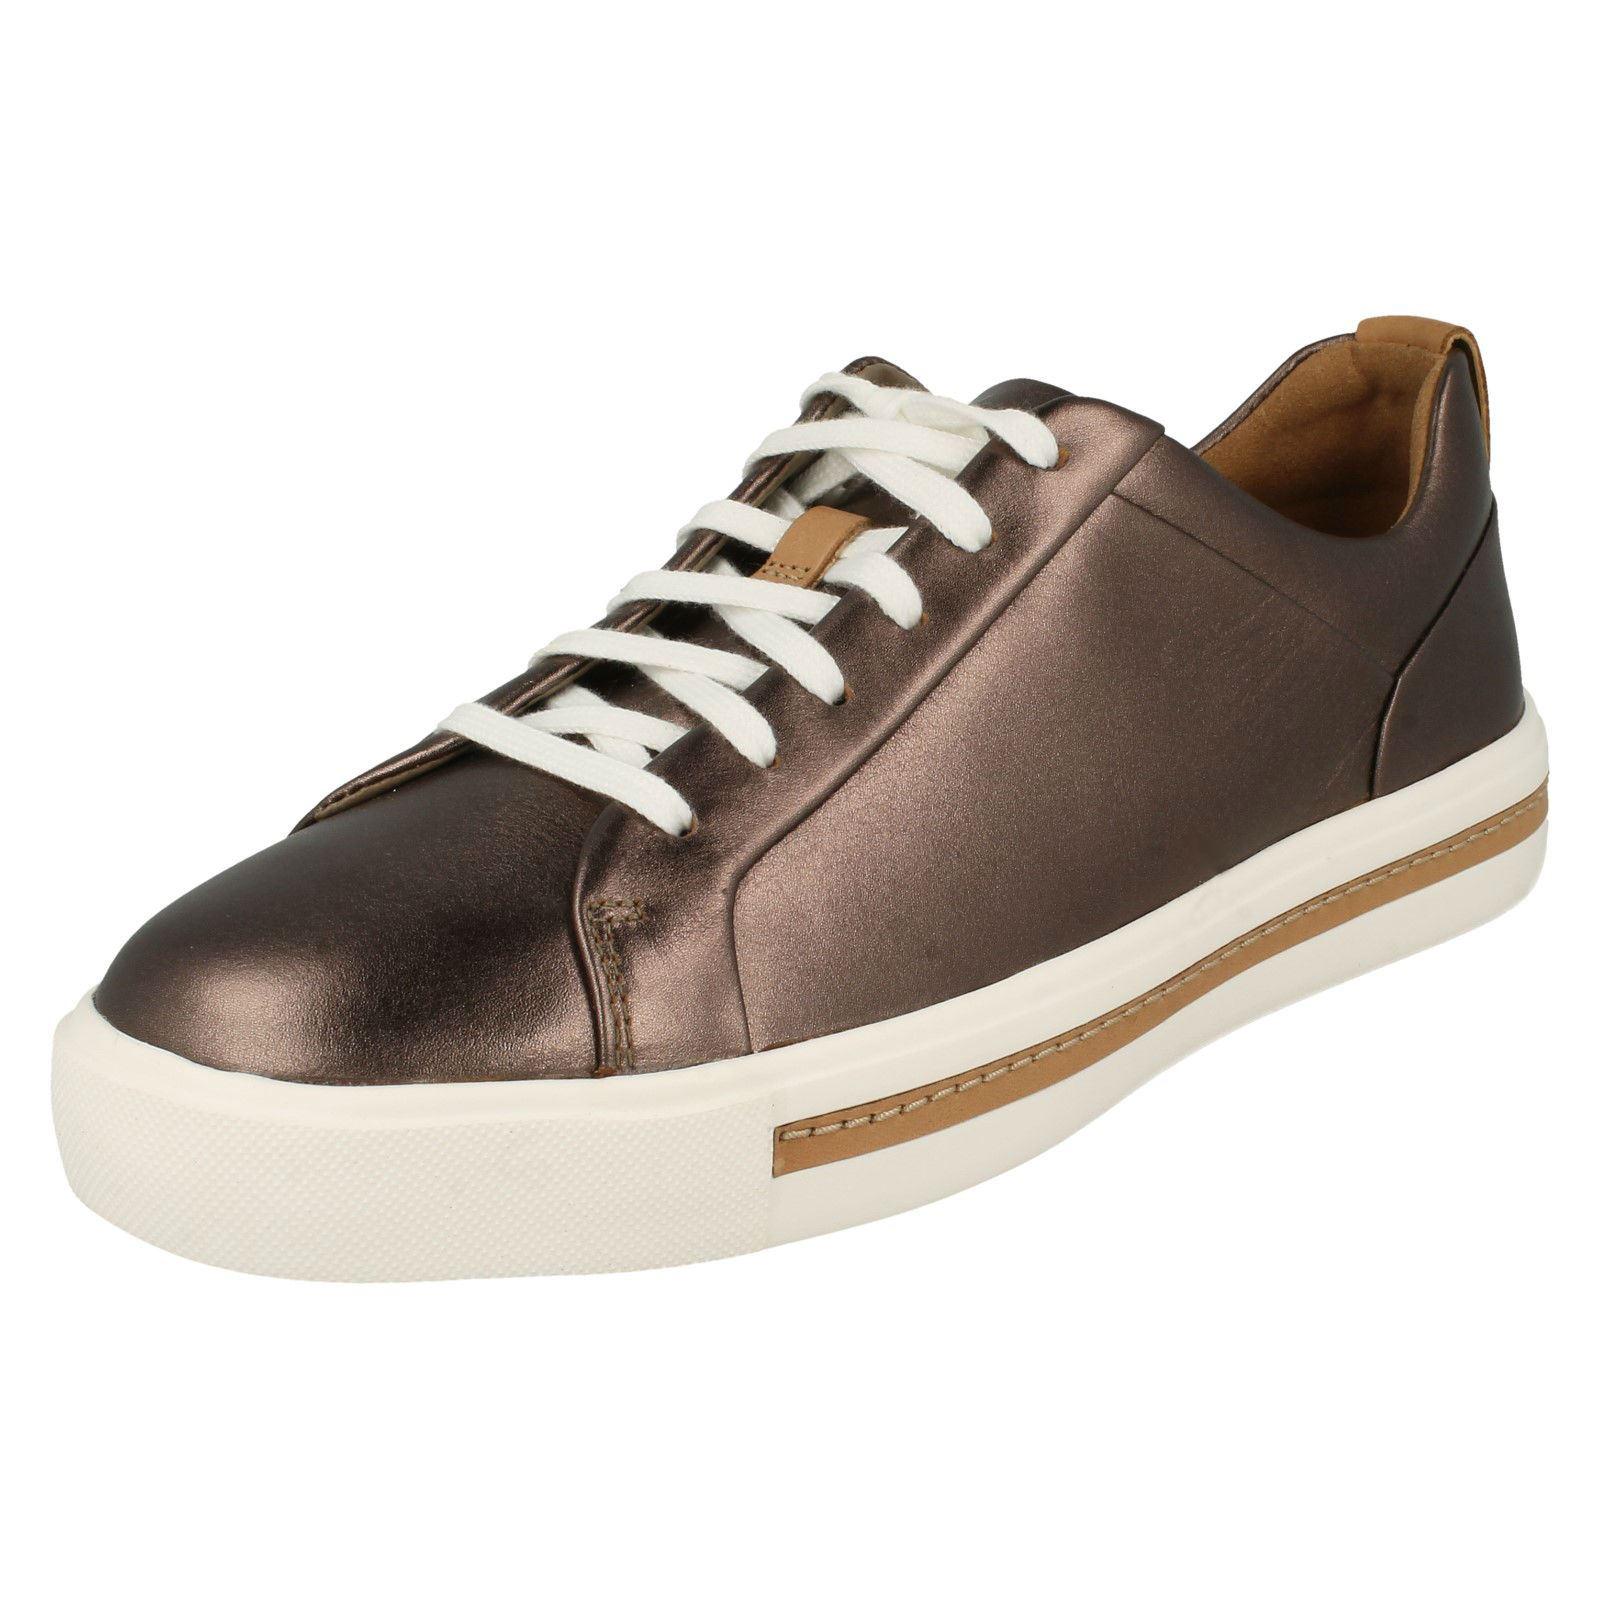 'Ladies Clarks' Clarks' Clarks' Casual lace Up shoes - Un Maui Lace 410b00